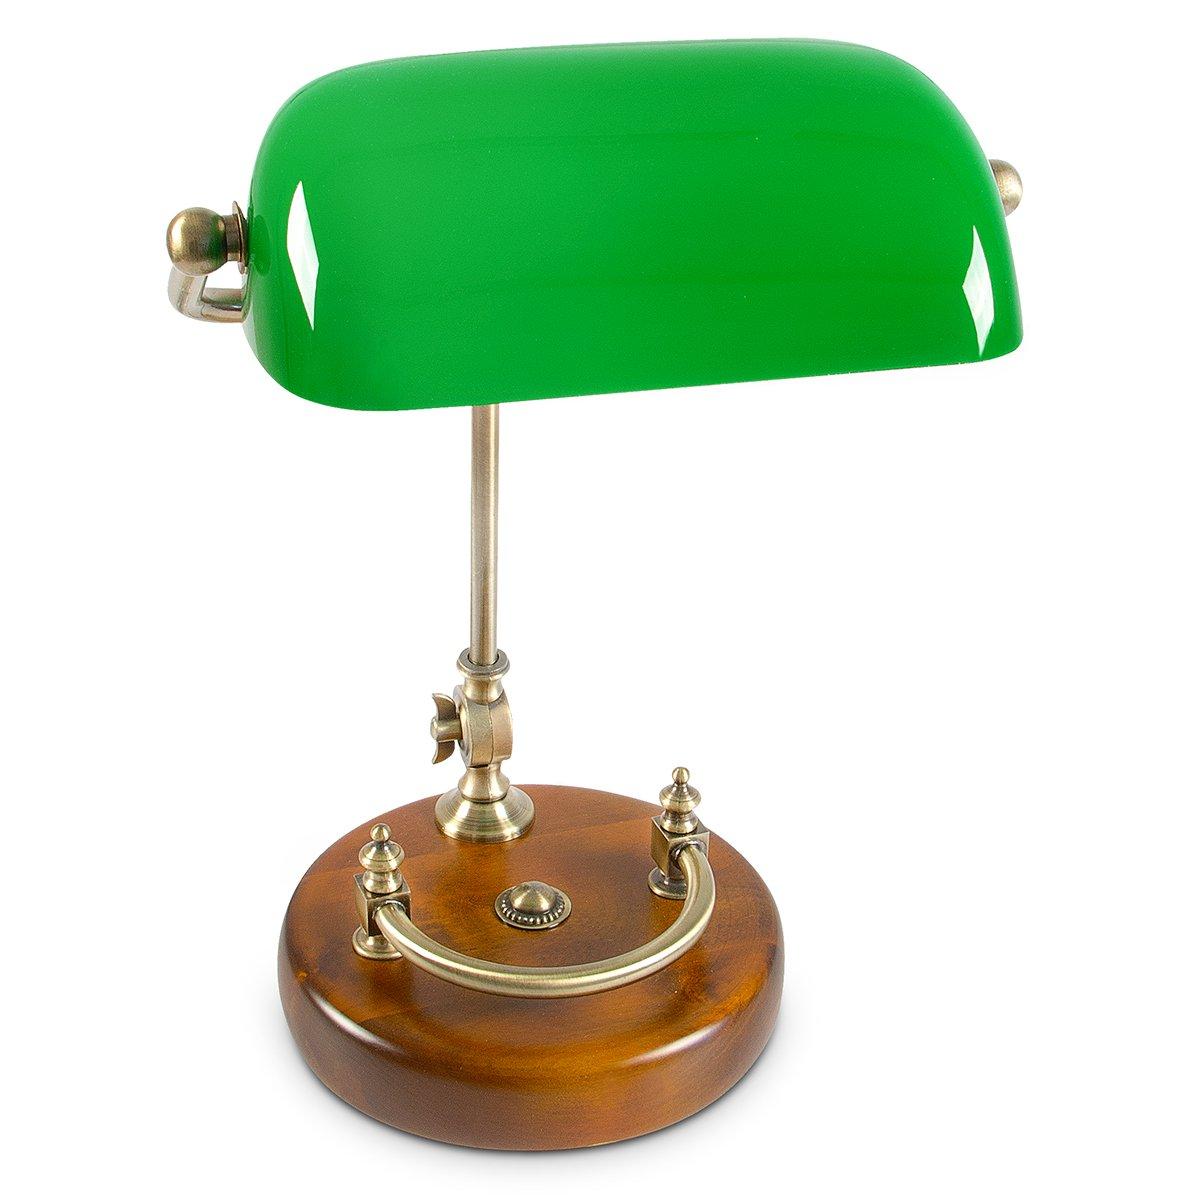 Lampe de bureau banquier laiton verre vert 9 relaxdays lampe de banquier bureau table abat - Lampe de bureau banquier ...